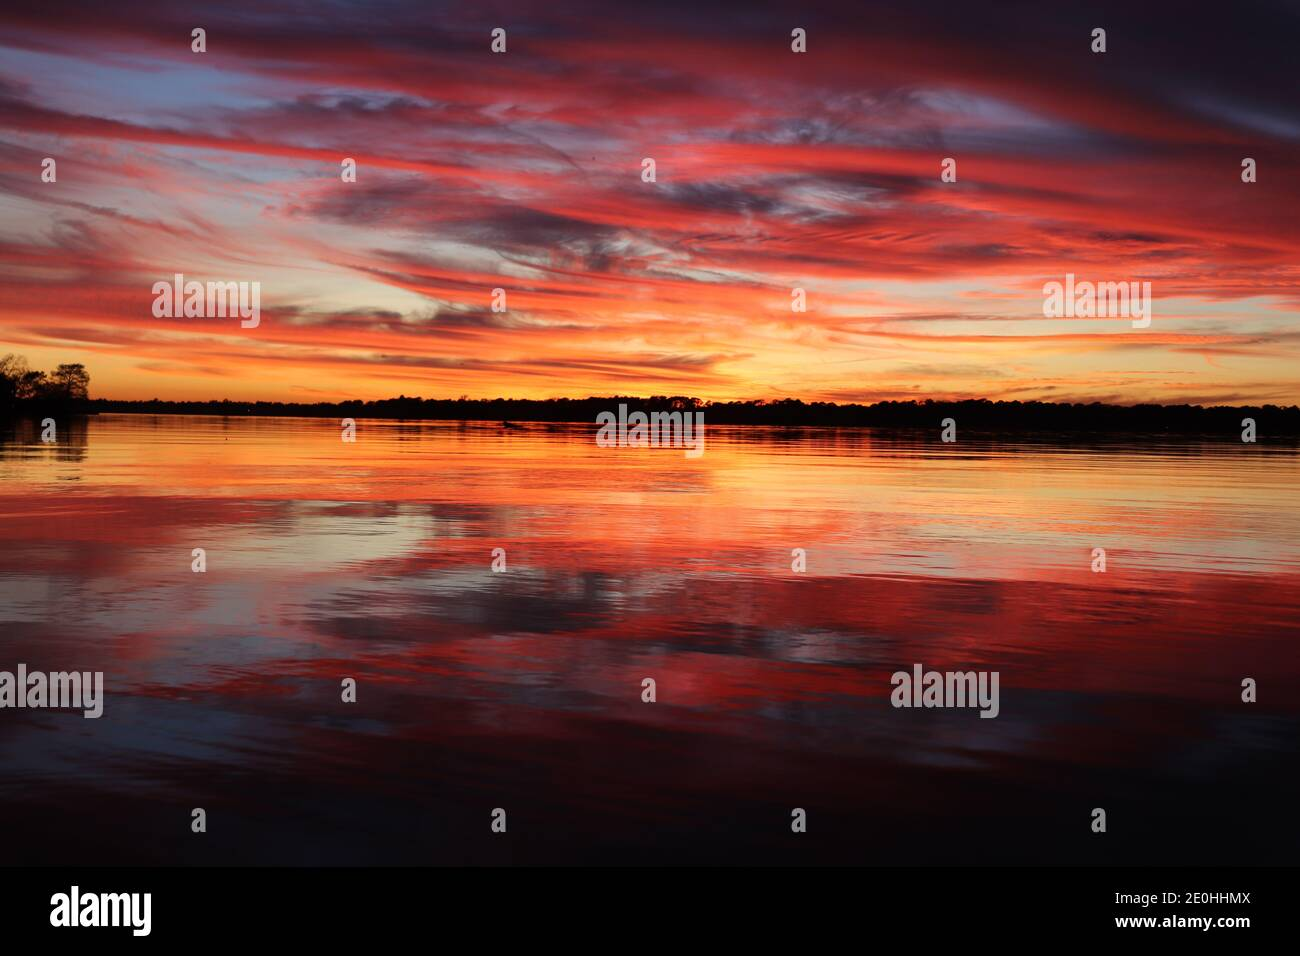 Sonnenuntergang mit Spiegelreflexen auf der Wasseroberfläche. Lebendige Farben von Rot und Gold wirbeln vom blauen Himmel bis zum ruhigen baumgesäumten Horizont. Stockfoto